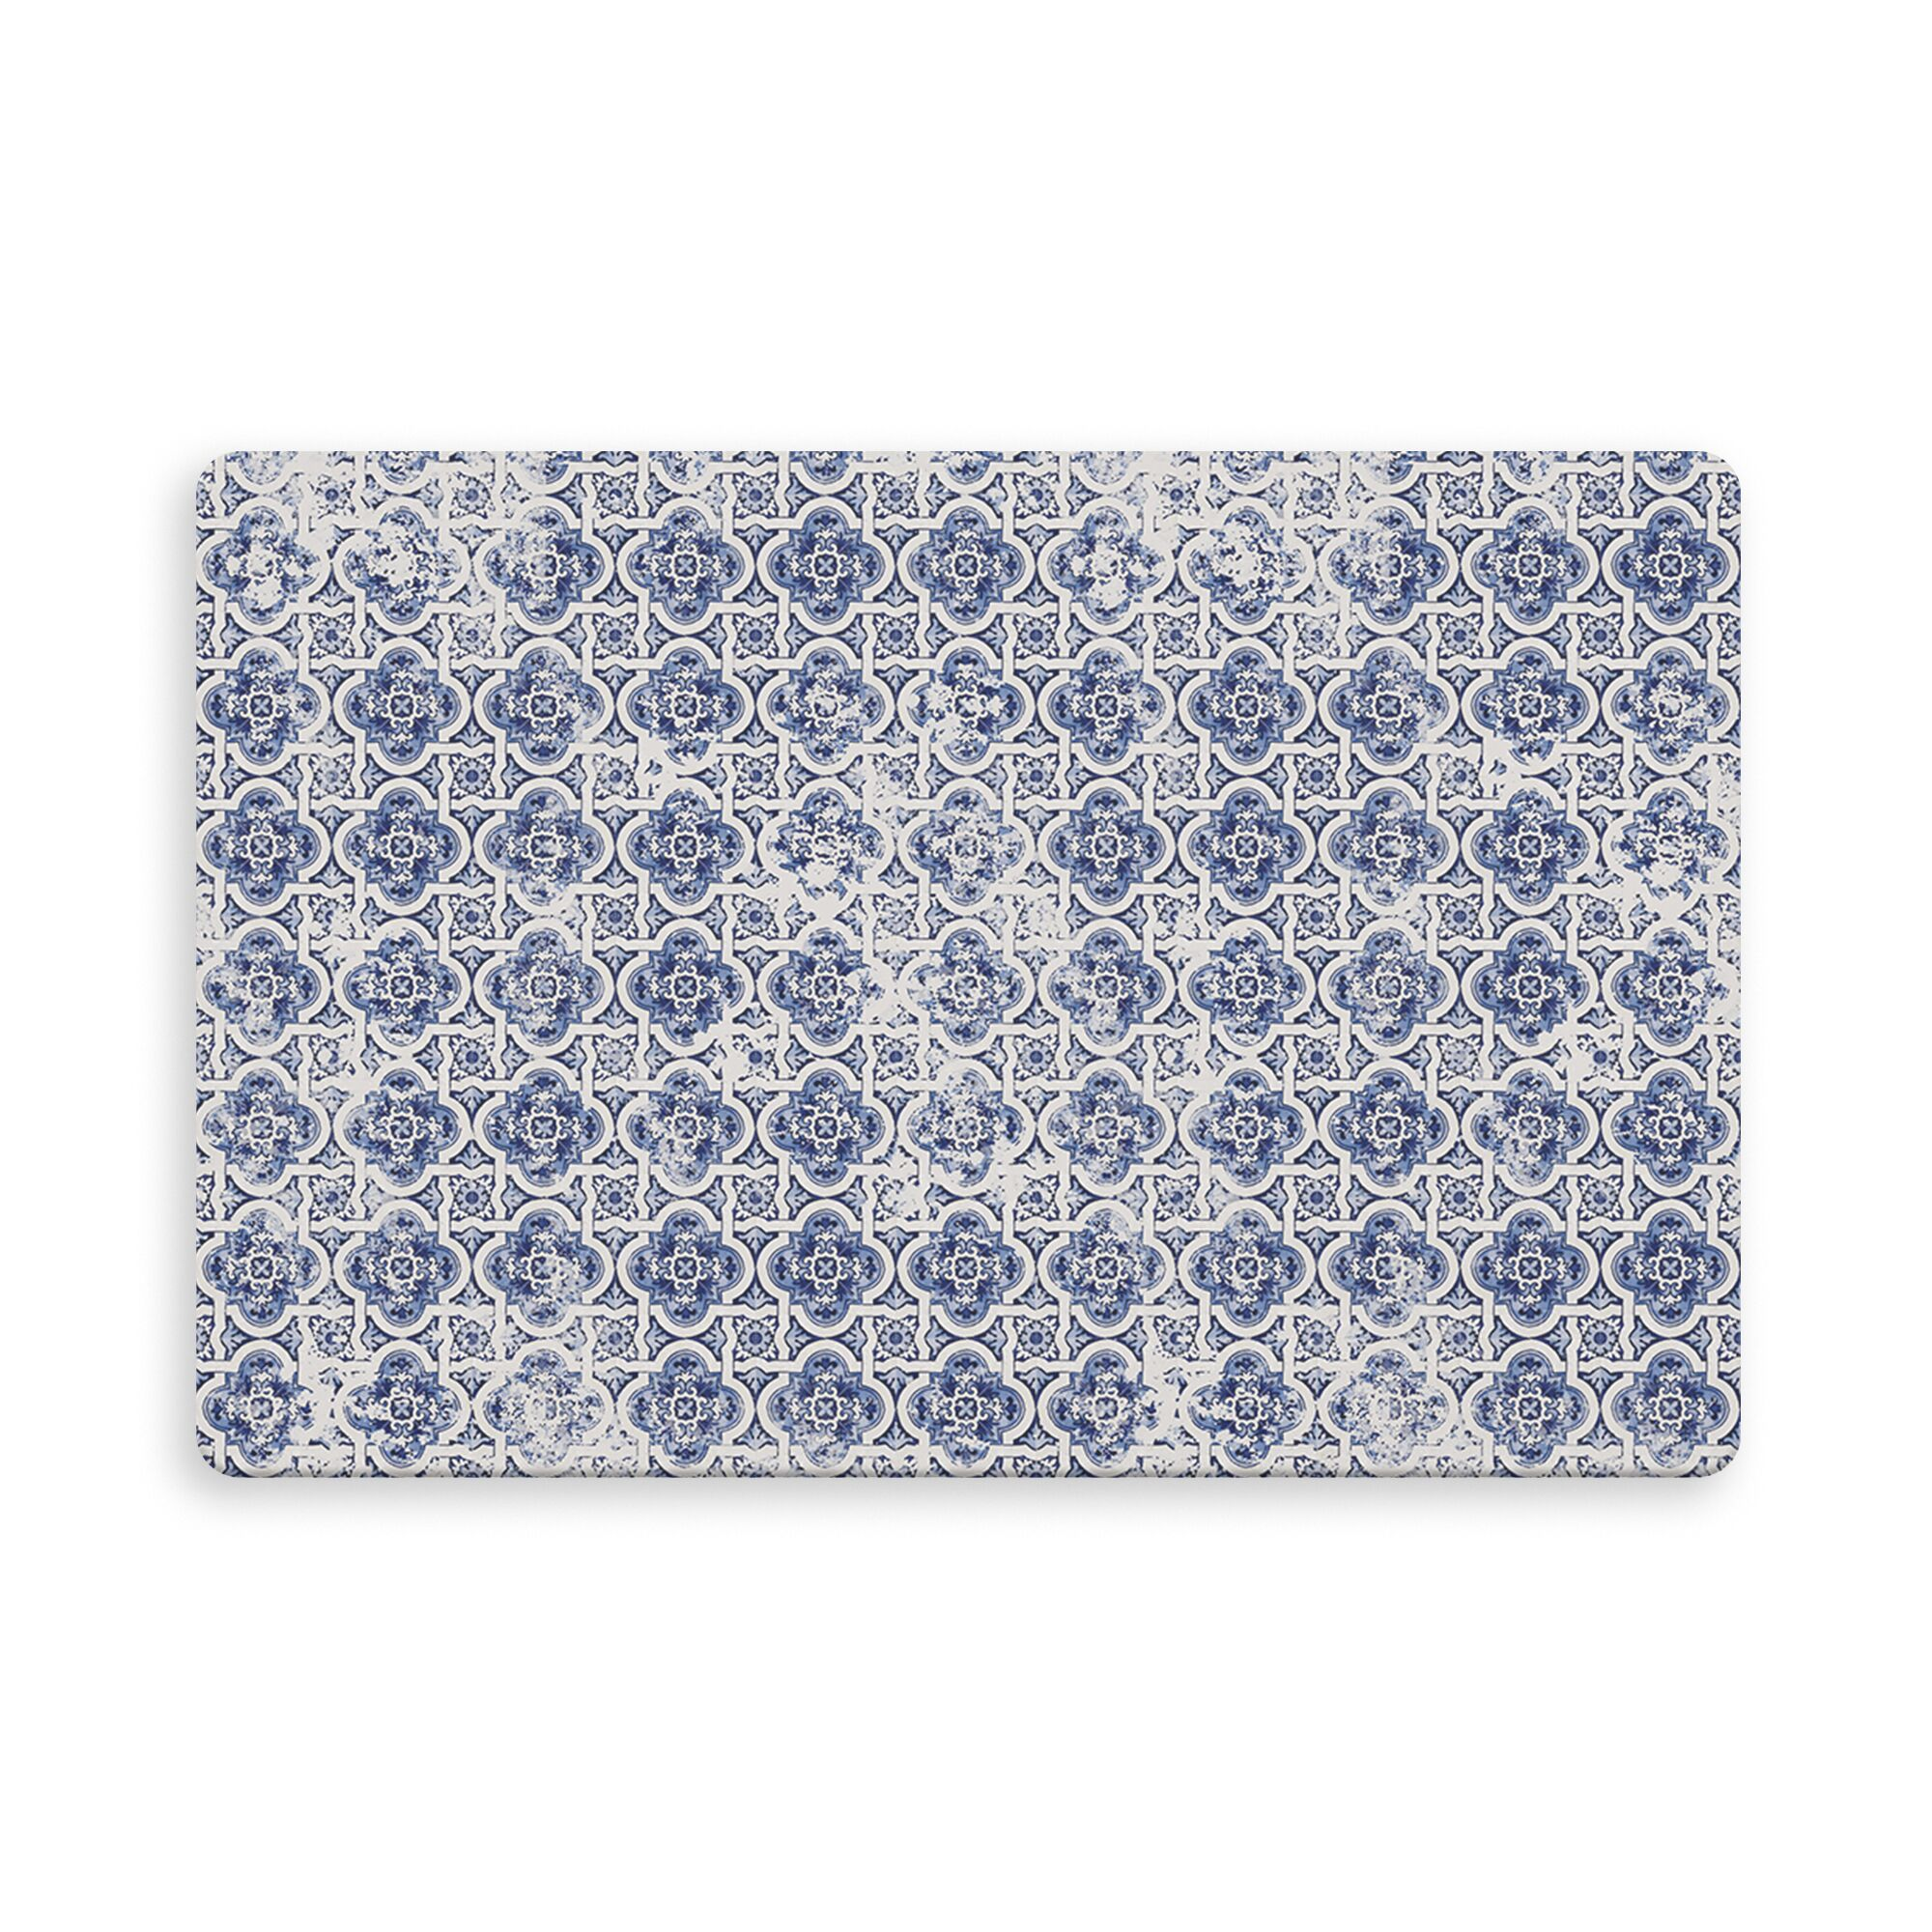 Rosales Indoor/Outdoor Doormat Mat Size: Rectangle 2'6